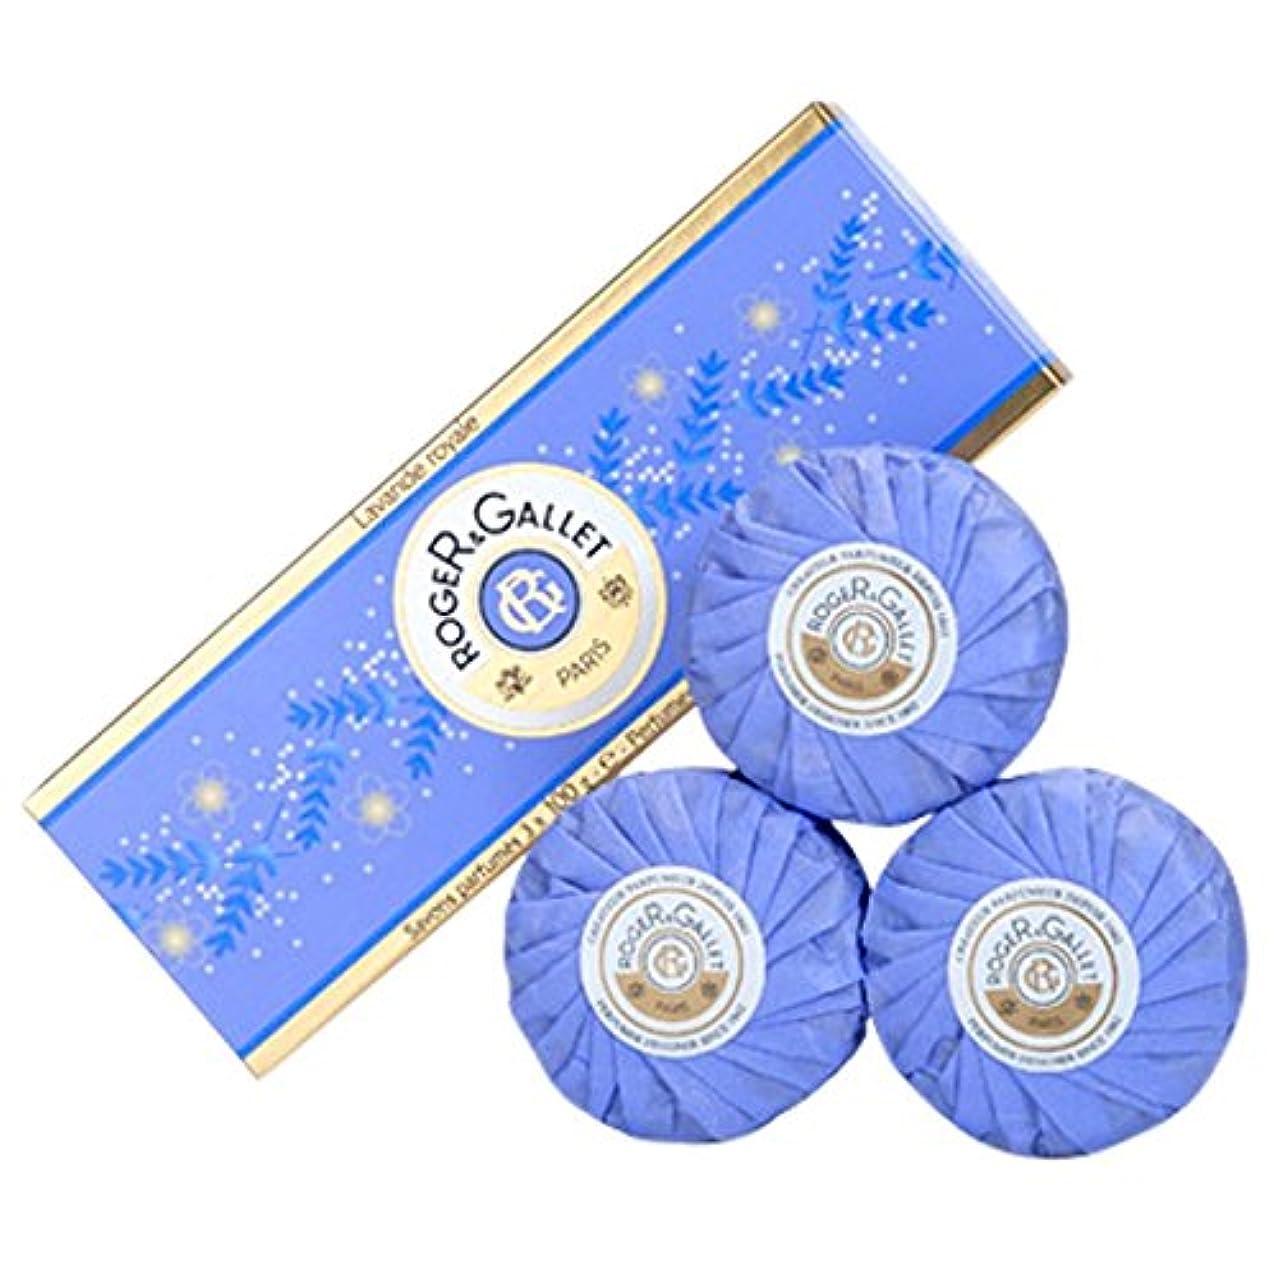 うめき声レンダー敬礼ロジャー&Galletのラバンデロワイヤルソープコフレ3つのX 100グラム (Roger & Gallet) (x6) - Roger & Gallet Lavande Royale Soap Coffret 3 x 100g (Pack of 6) [並行輸入品]